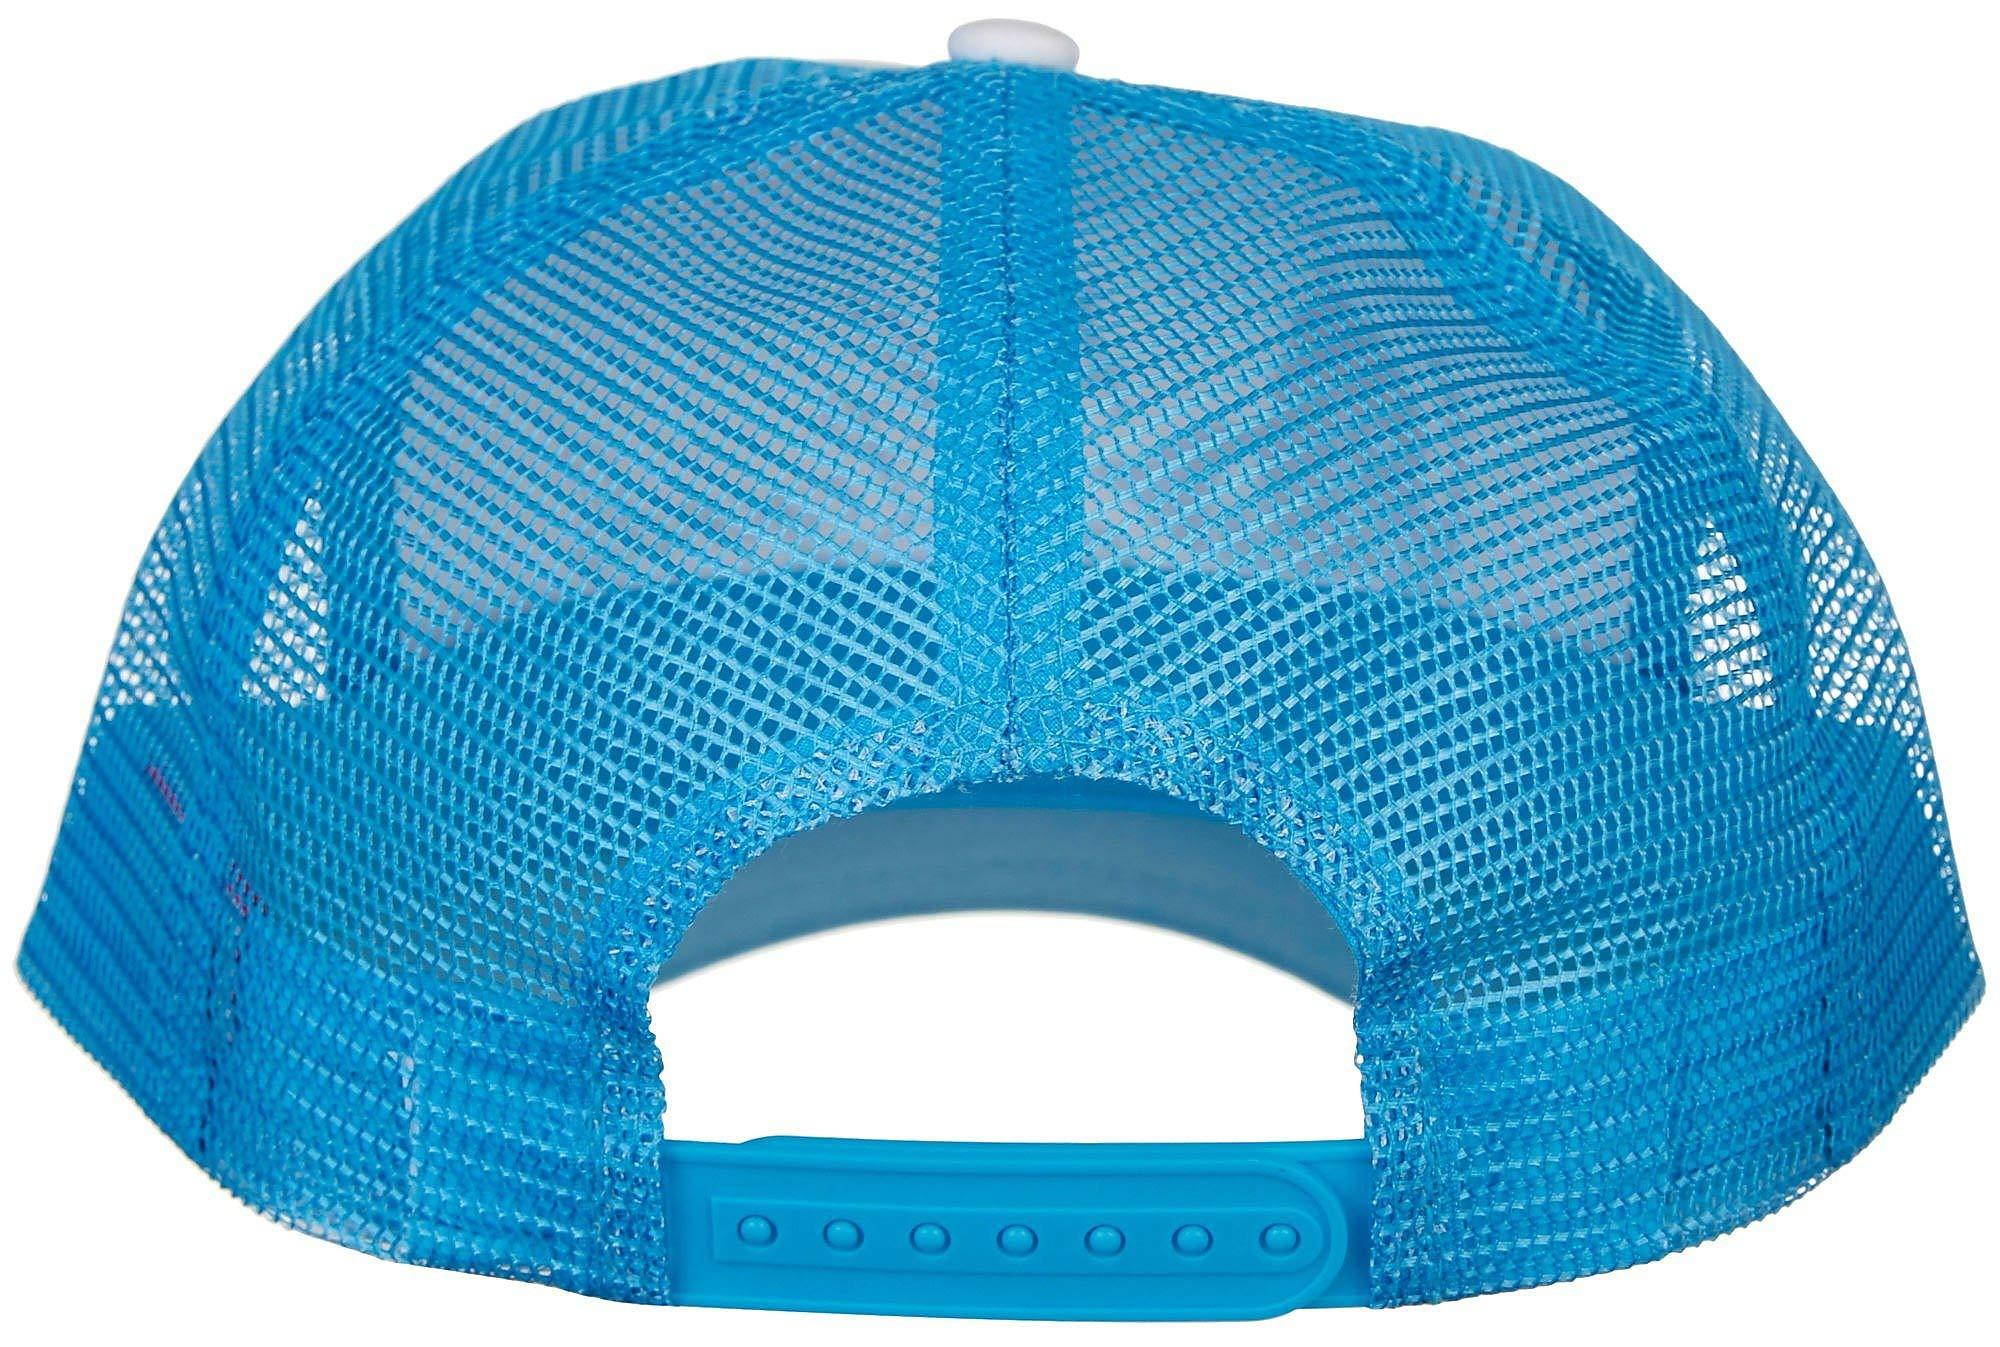 8c8ab35bdc8f75 Amazon.com: Reel Legends: Hats